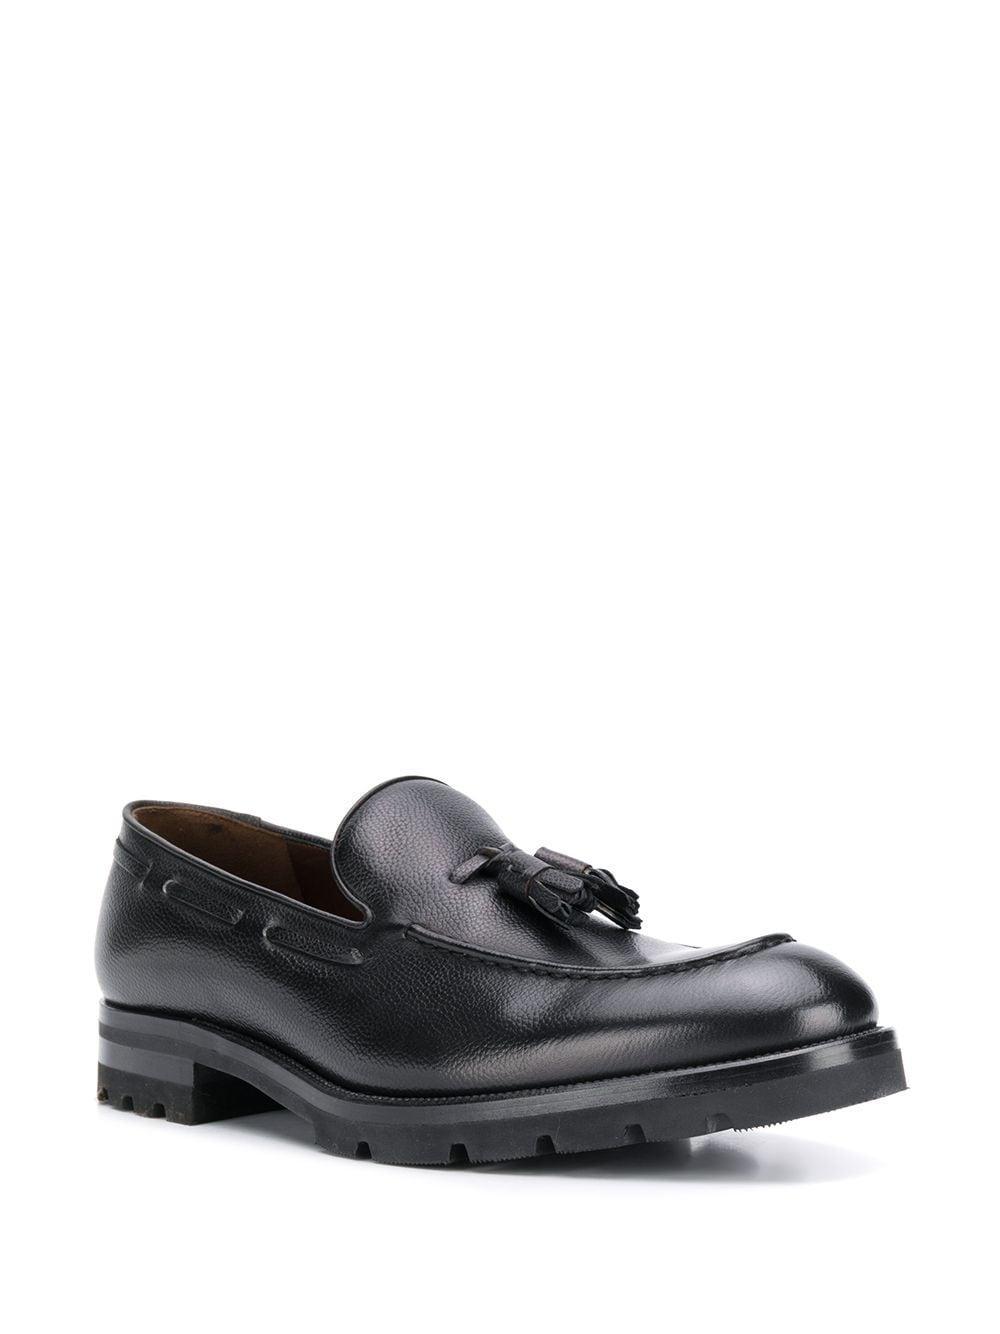 Fratelli Rossetti Leer Getextureerde Loafers in het Zwart voor heren